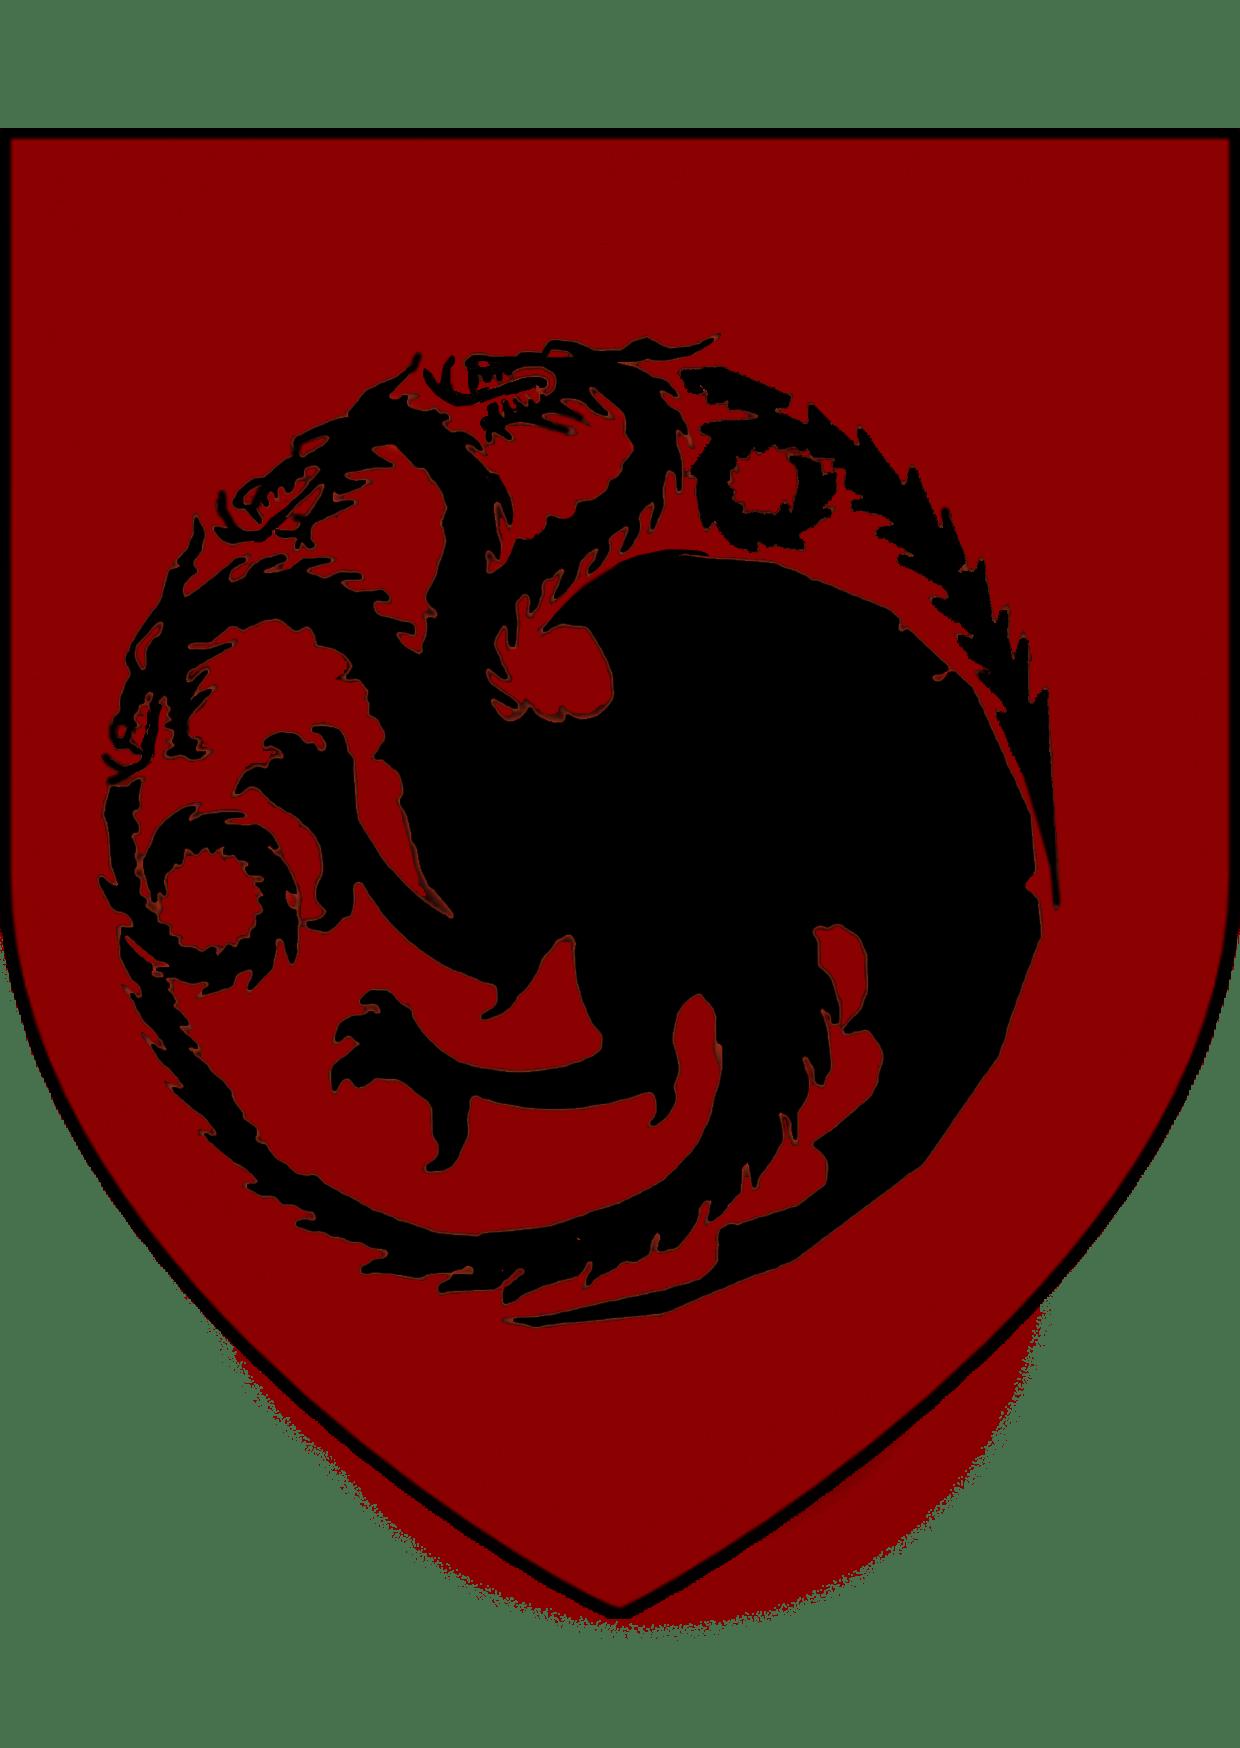 https://i2.wp.com/awoiaf.westeros.org/images/3/3f/House_Blackfyre_crest.png